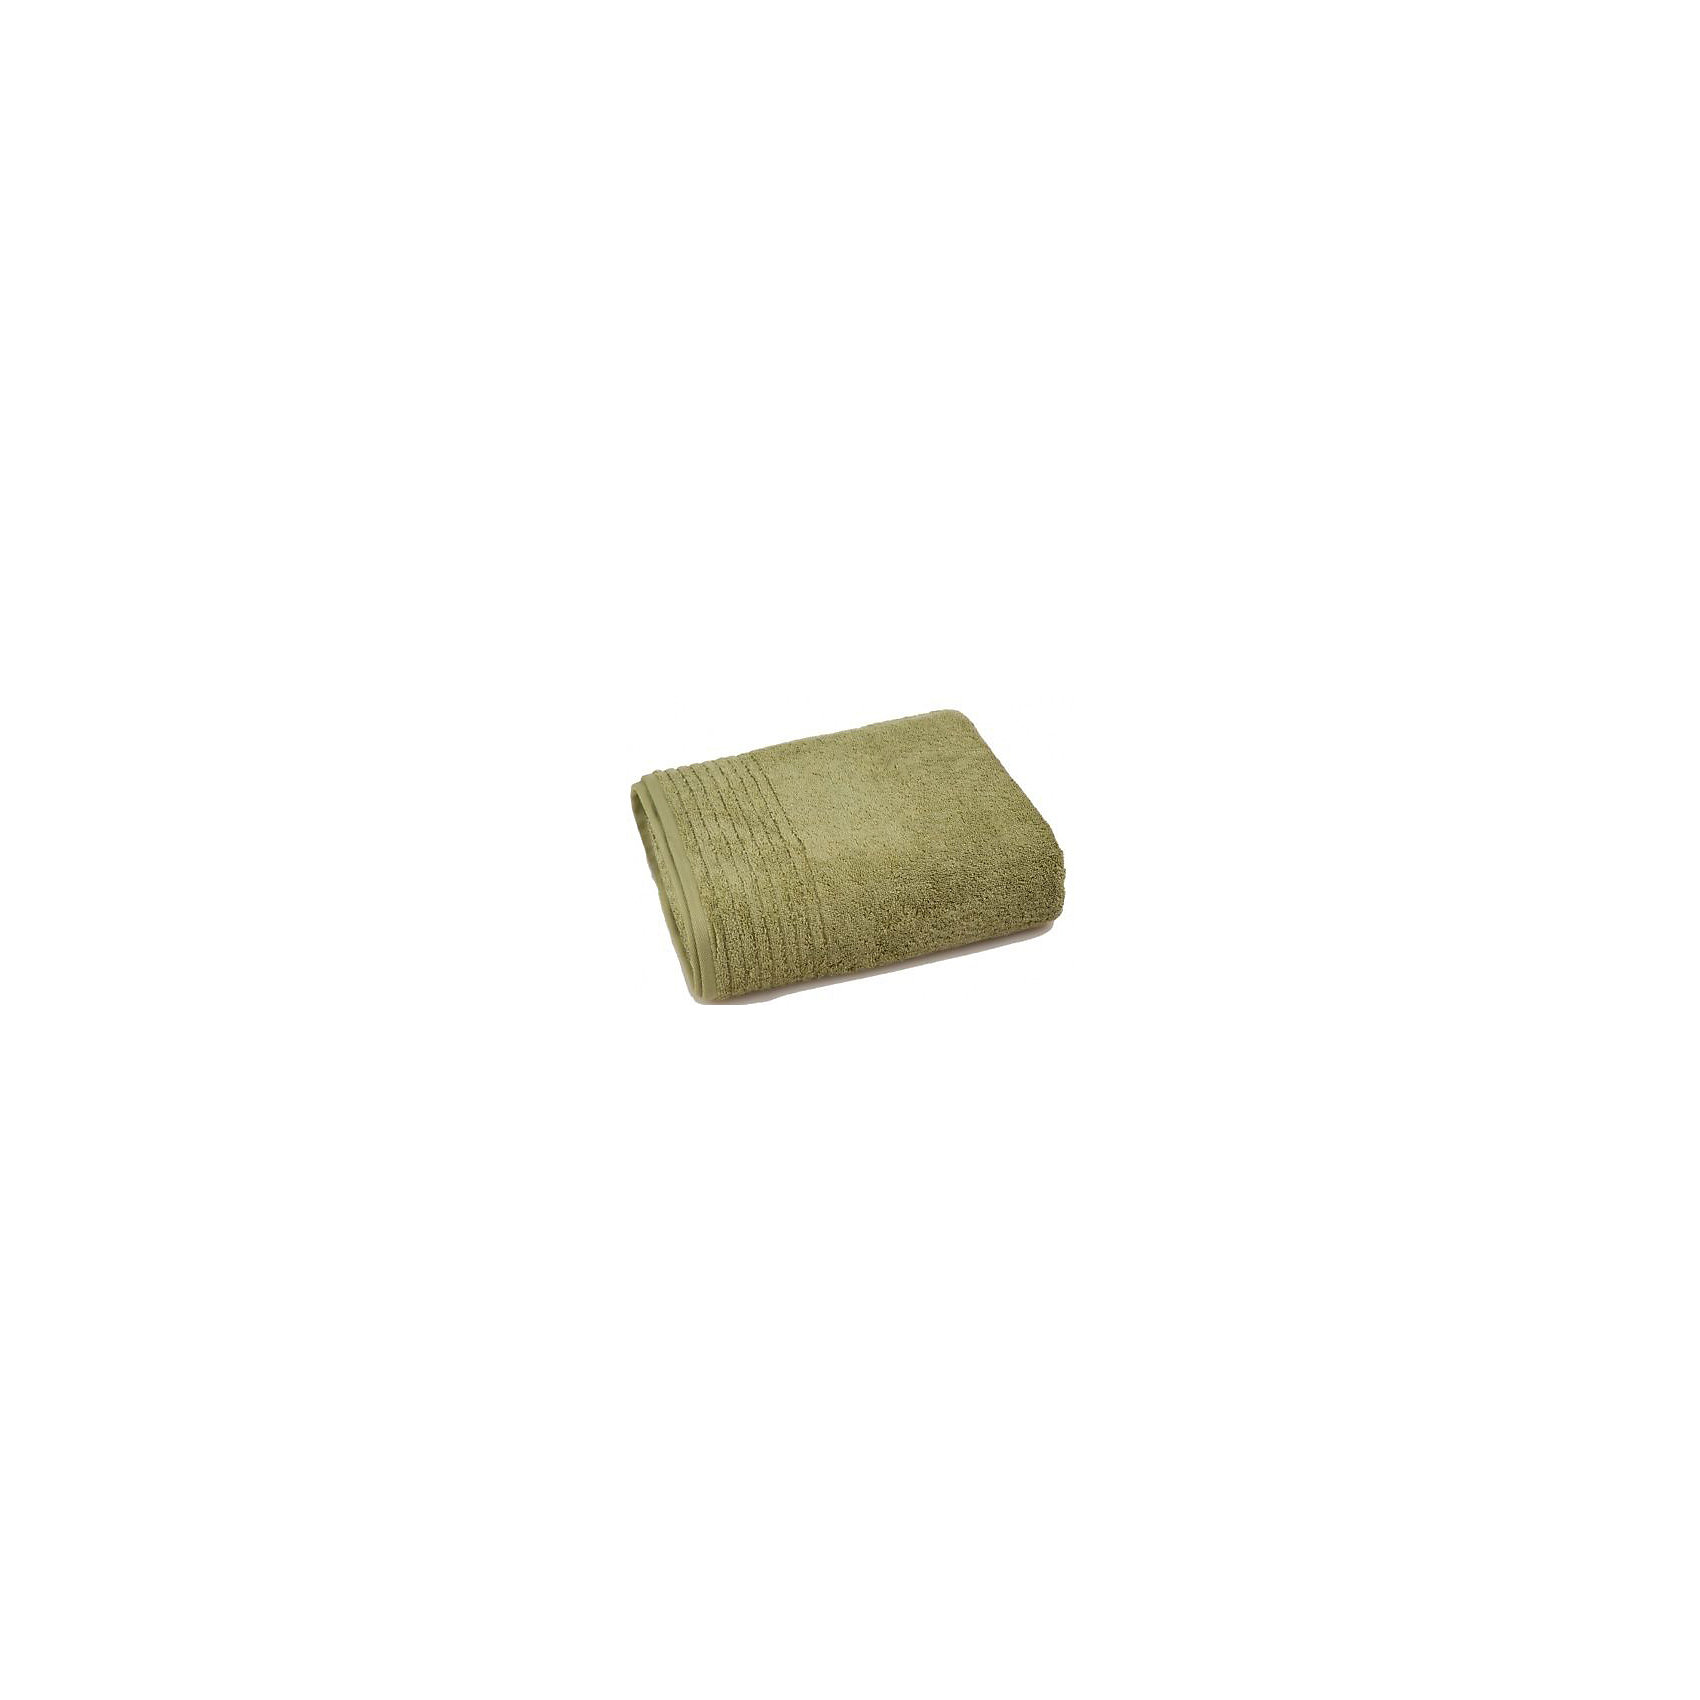 Полотенце махровое 50*90, Luxury Ayurveda, herbalВанная комната<br>Махровое полотенце Luxury Ayurveda изготовлено из качественного натурального хлопка. Приятный дизайн полотенца отлично подойдет для вашей ванной комнаты.<br><br>Особенности:<br>-отлично впитывает влагу<br>-высокая гигроскопичность<br>-остается мягким на протяжении длительного времени<br>-объем увеличивается после стирки<br>-не уменьшаются в размере<br>-технология Hygro от Welspun<br>-входит в эксклюзивную коллекцию, не имеющая аналогов<br><br>Дополнительная информация:<br>Материал: 100% хлопок<br>Размер: 50х90 см<br>Цвет: травяной<br>Торговая марка: Luxury Ayurveda<br><br>Вы можете купить махровое полотенце  Luxury Ayurveda в нашем интернет-магазине.<br><br>Ширина мм: 500<br>Глубина мм: 500<br>Высота мм: 200<br>Вес г: 450<br>Возраст от месяцев: 0<br>Возраст до месяцев: 144<br>Пол: Унисекс<br>Возраст: Детский<br>SKU: 5010993